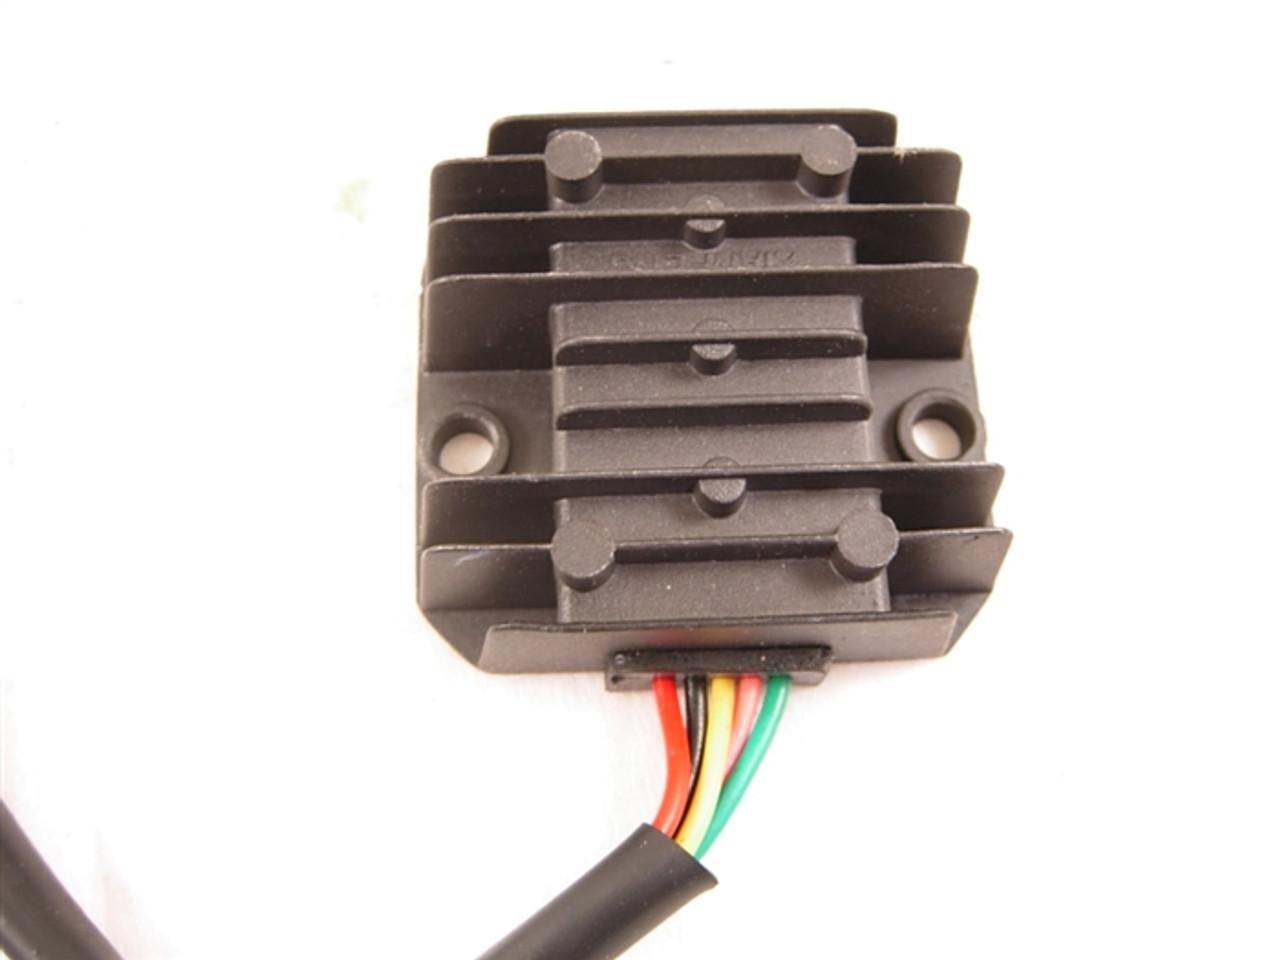 regulator/rectifier 10441-a25-9